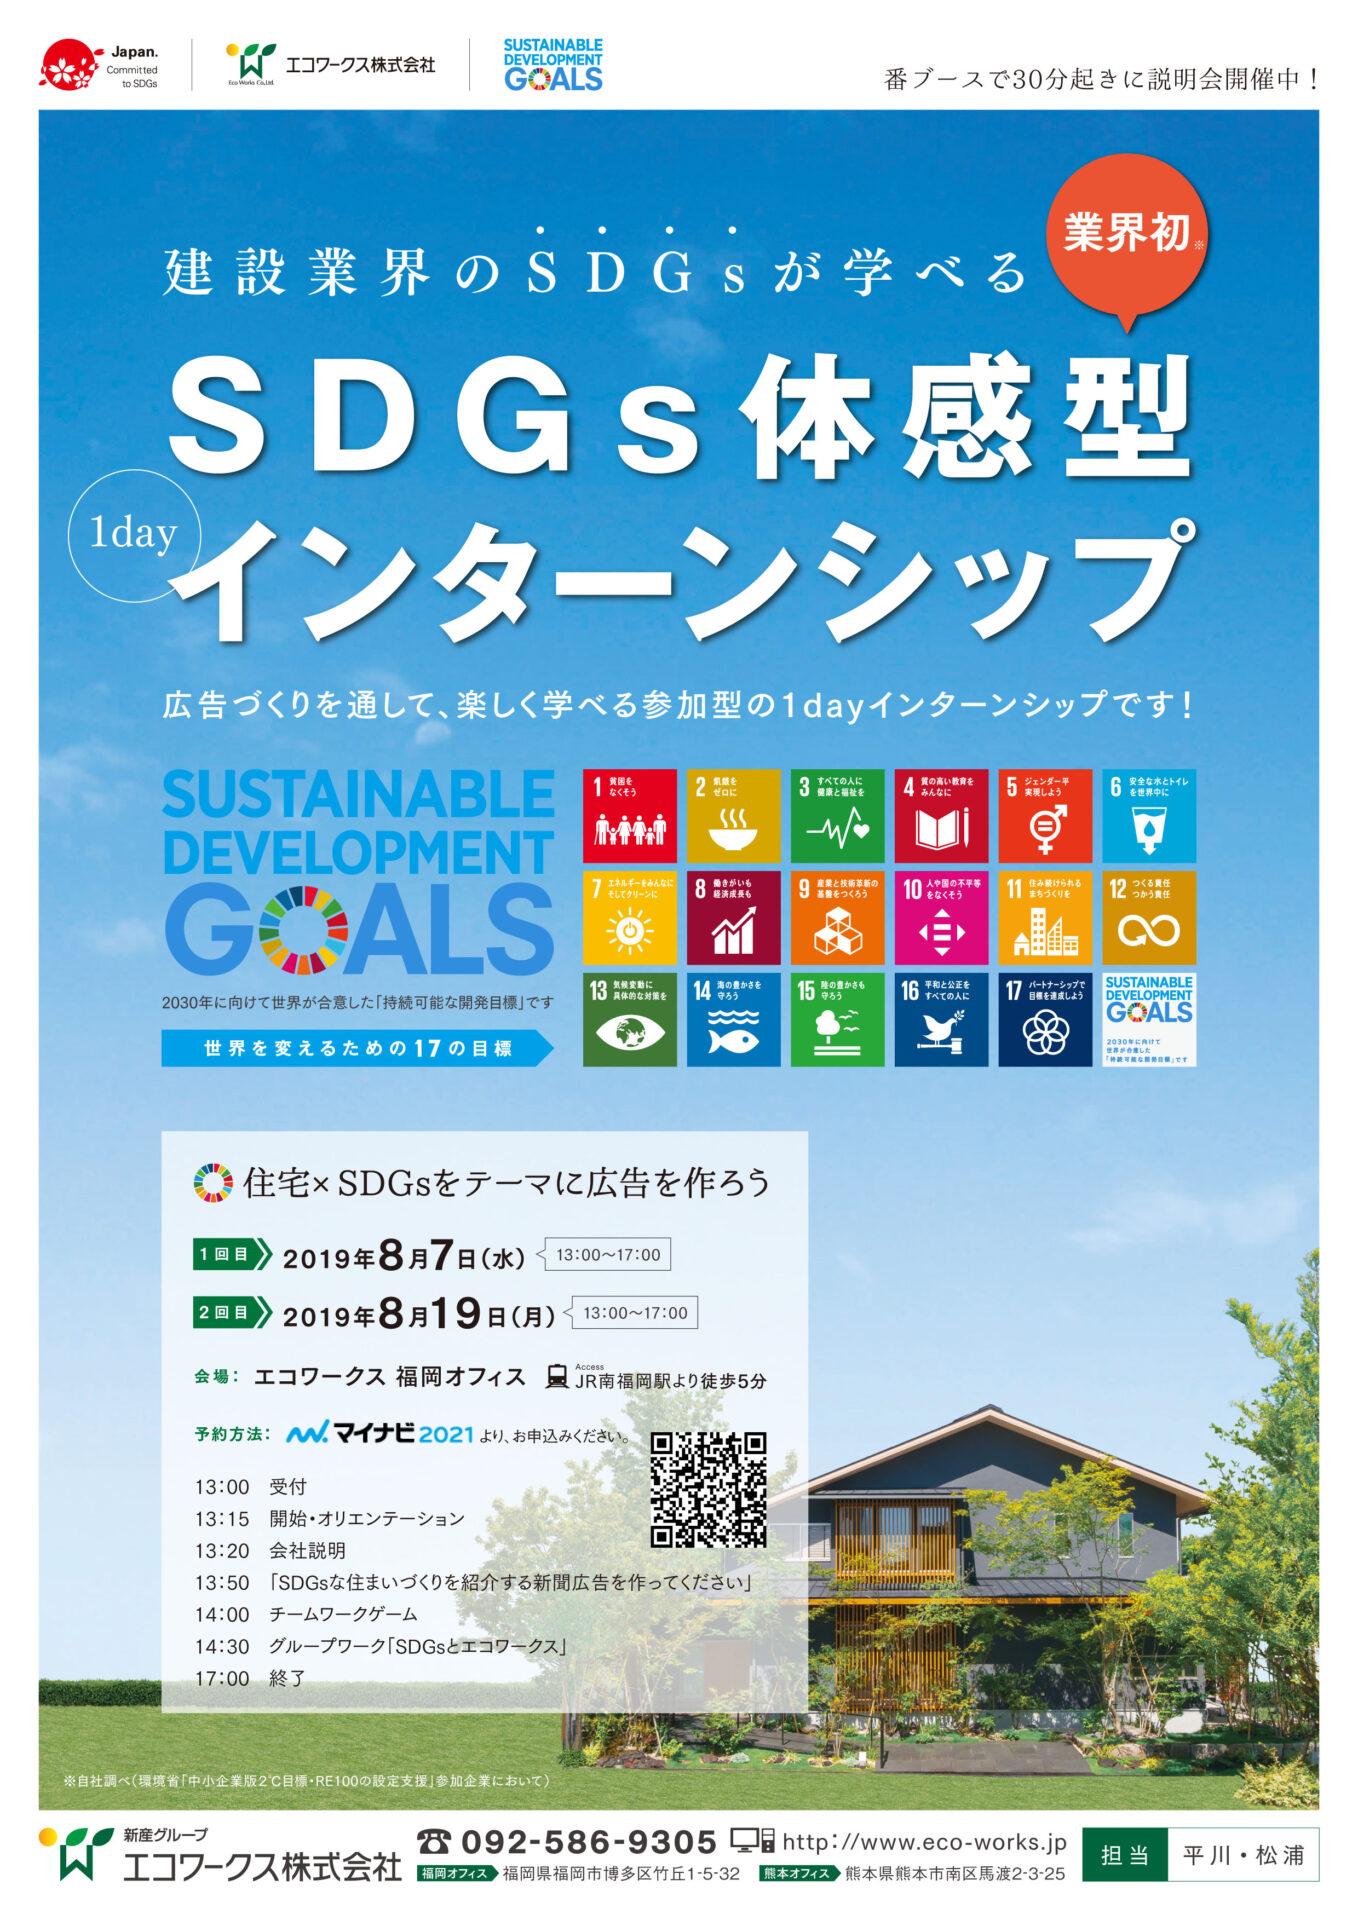 |2019年7月6日|エコワークス|SDGs|インターンシップ)